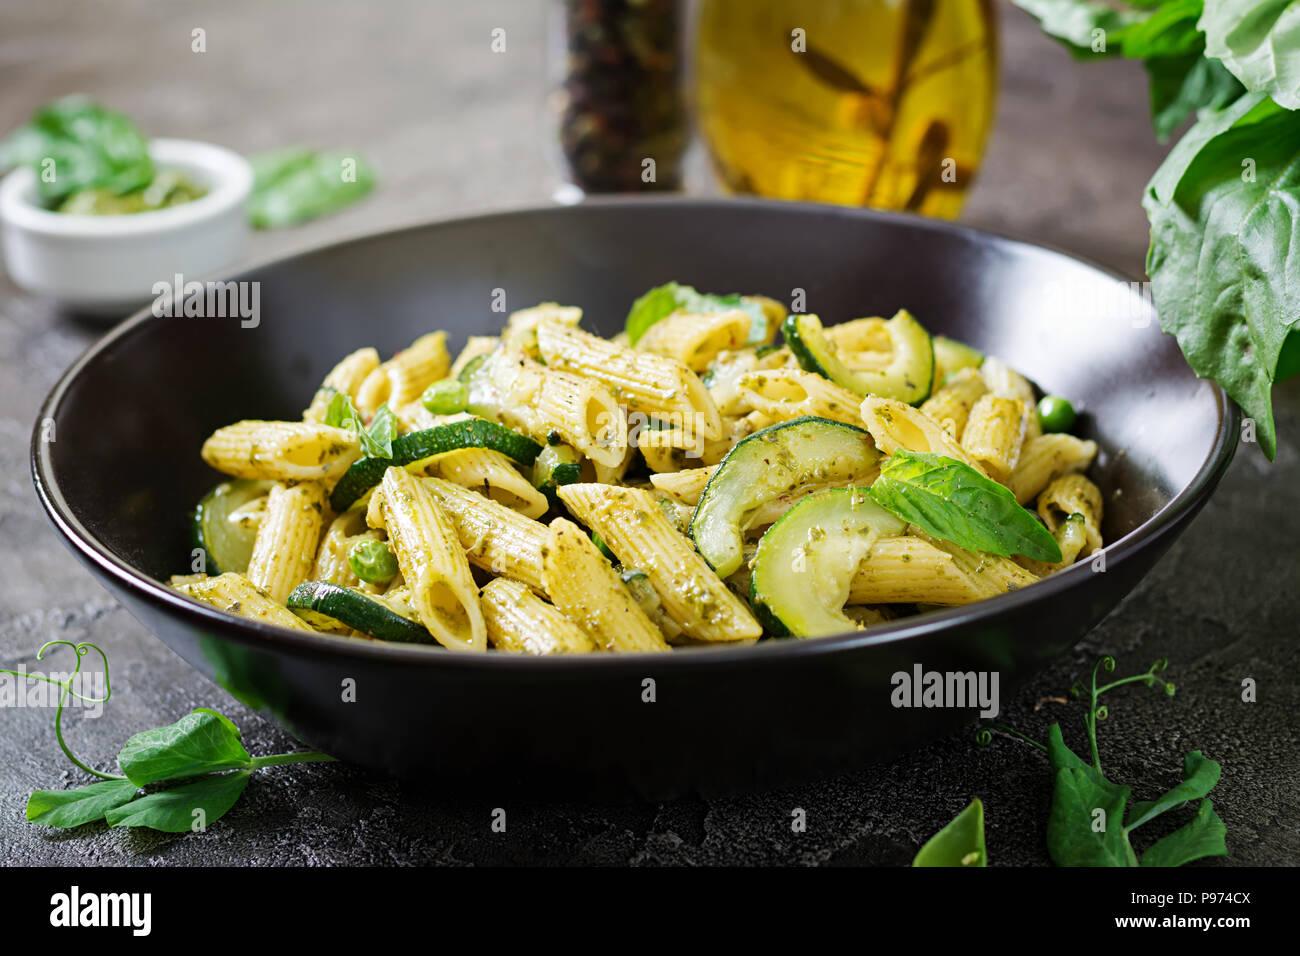 Pâtes penne au pesto, courgettes, pois verts et basilic. Cuisine italienne. Photo Stock